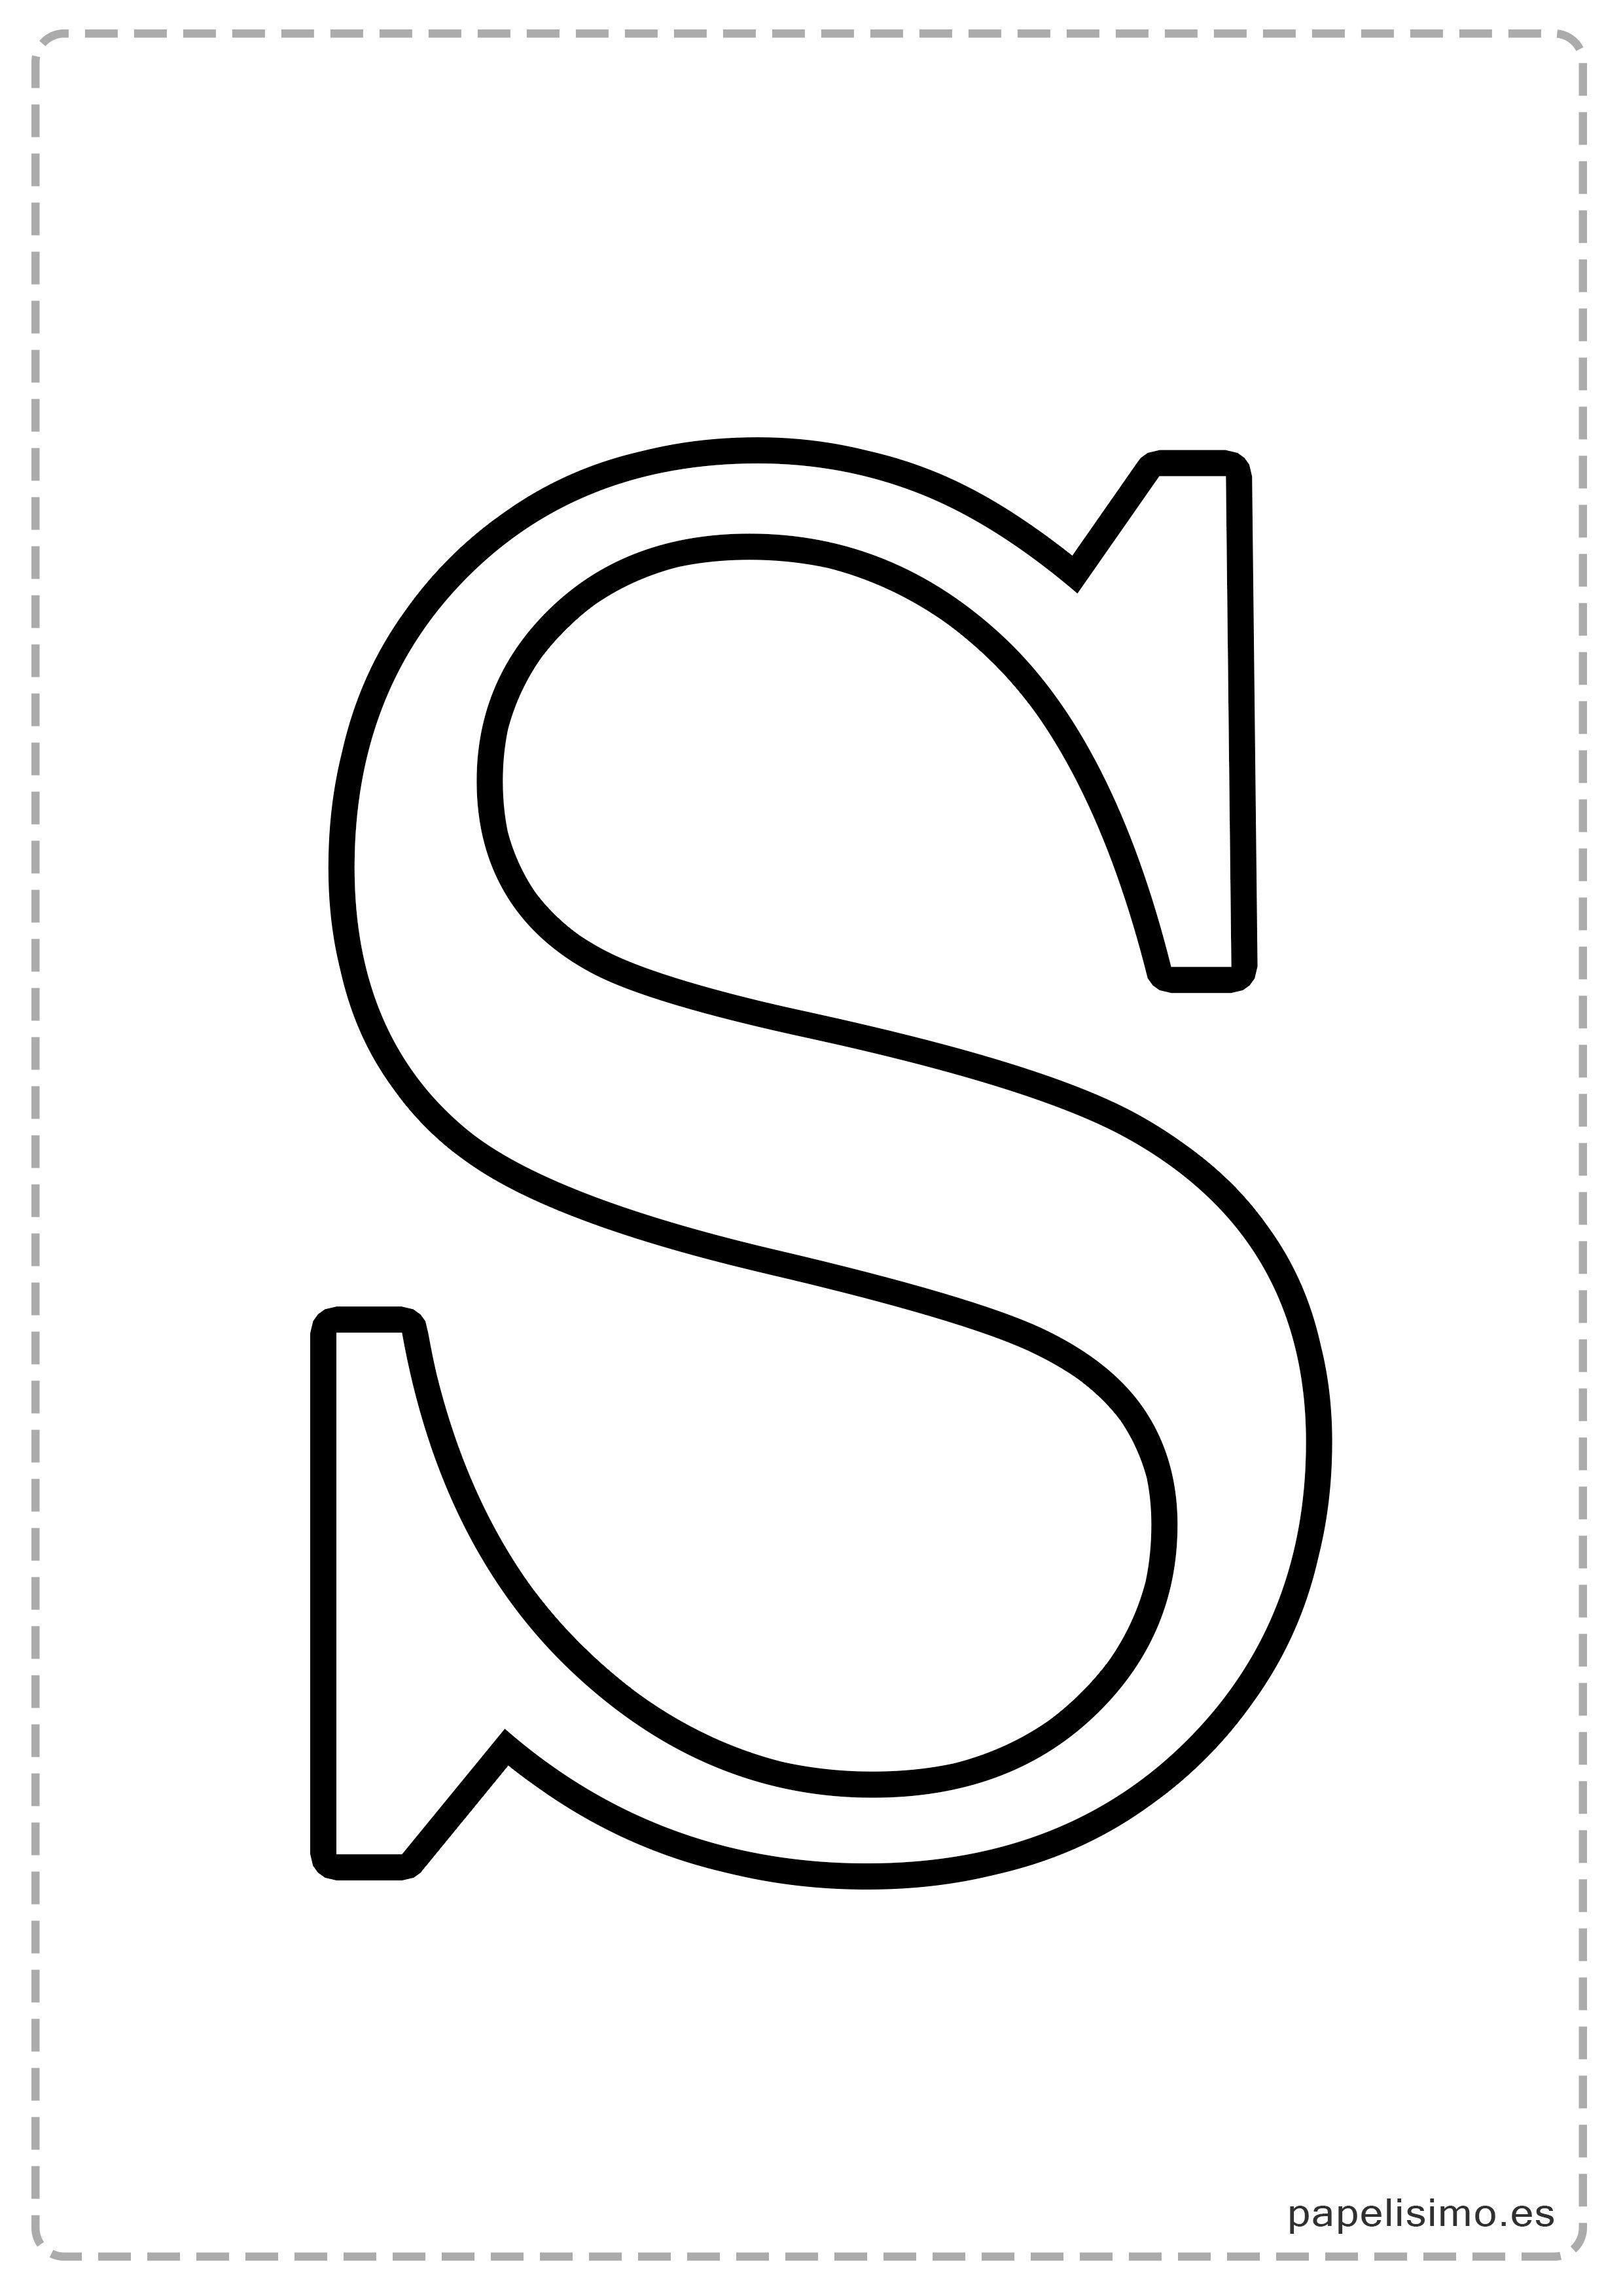 S Abecedario Letras Grandes Imprimir Mayusculas Jpg 2480 3508